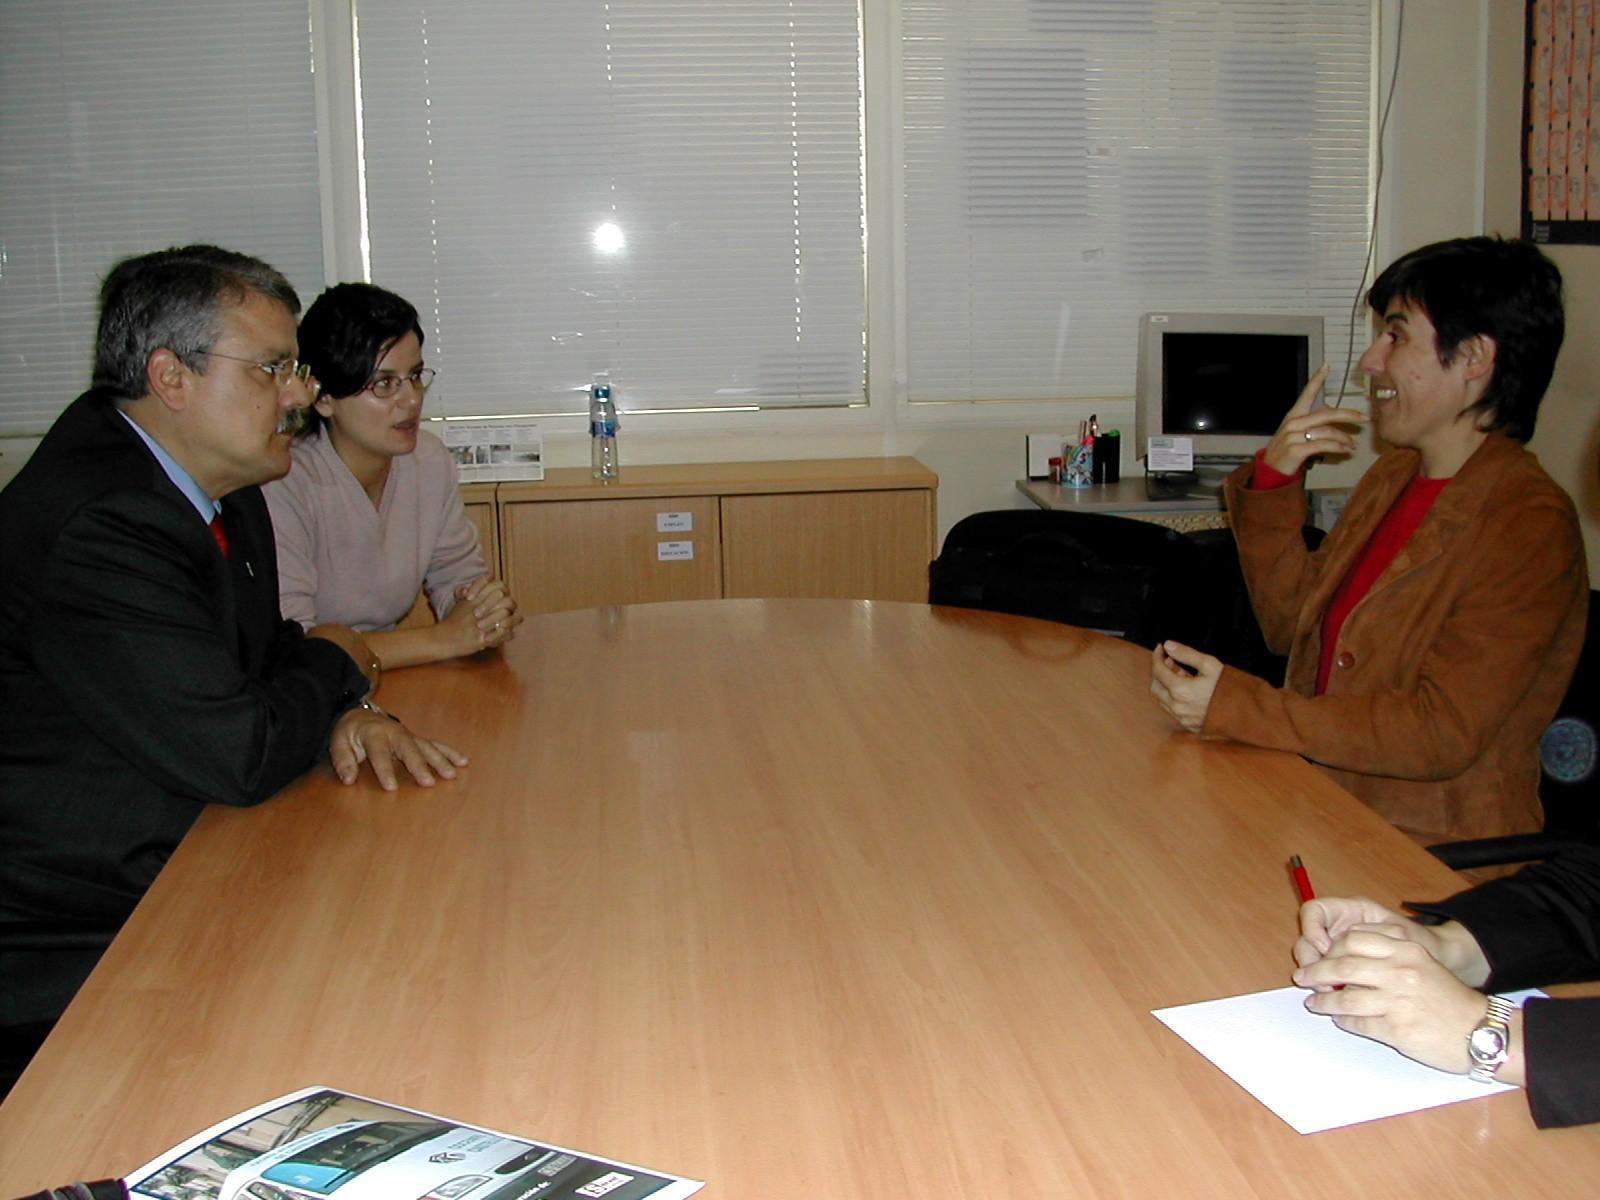 Visita del Síndic al Centro de Formación y Estudios para la comunidad sorda